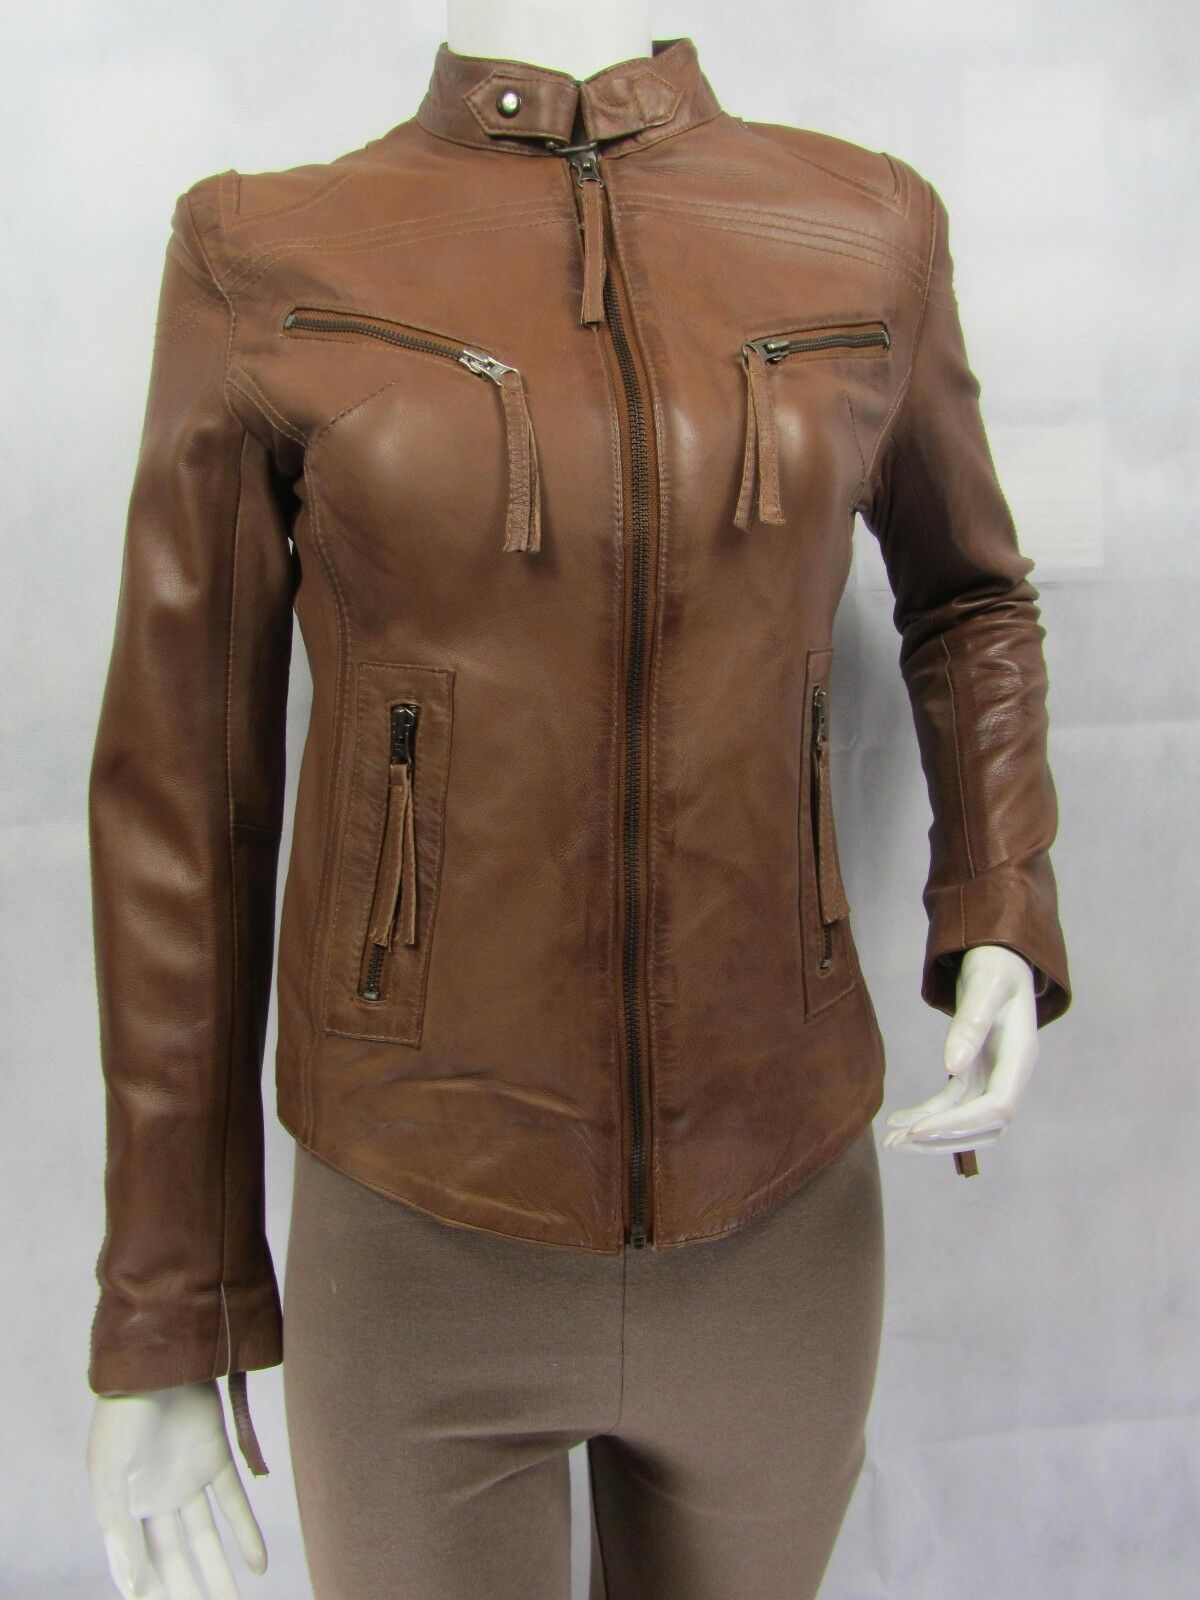 Ladies Cognac Brown Napa Leather Slim Tight Fitted Short Biker Jacket Bike